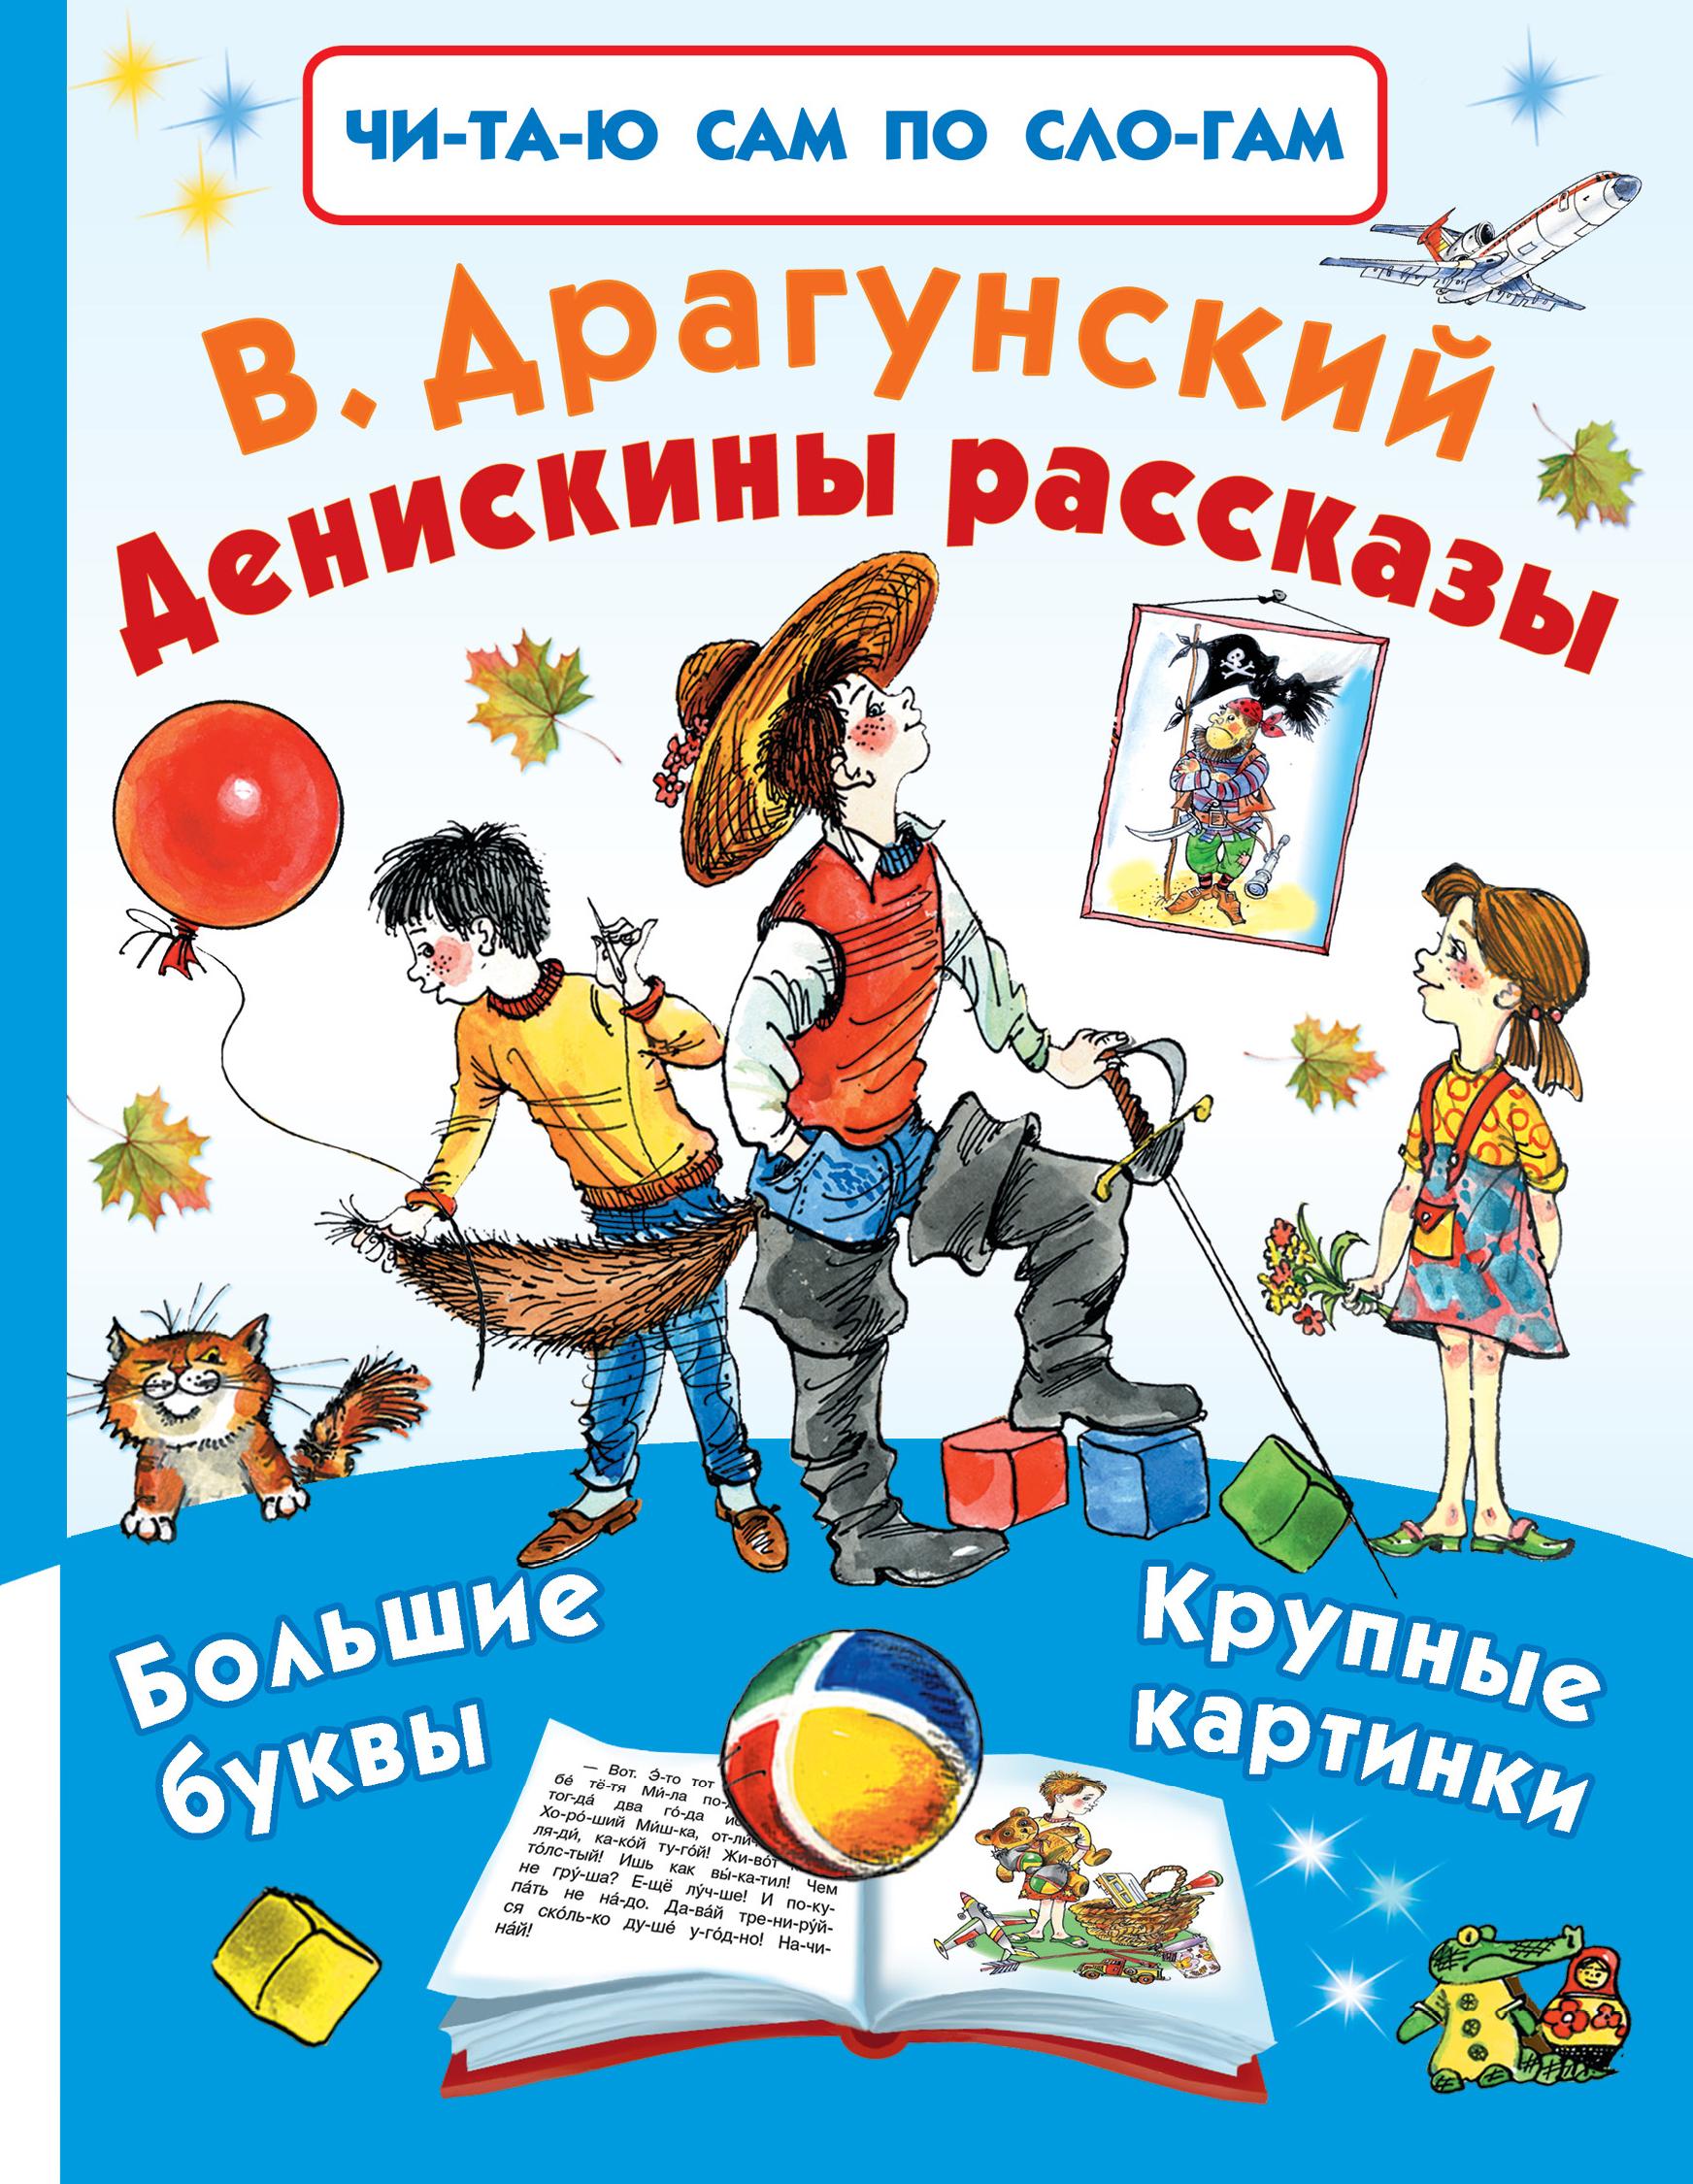 Виктор Драгунский Денискины рассказы (сборник) виктор драгунский самые смешные истории сборник